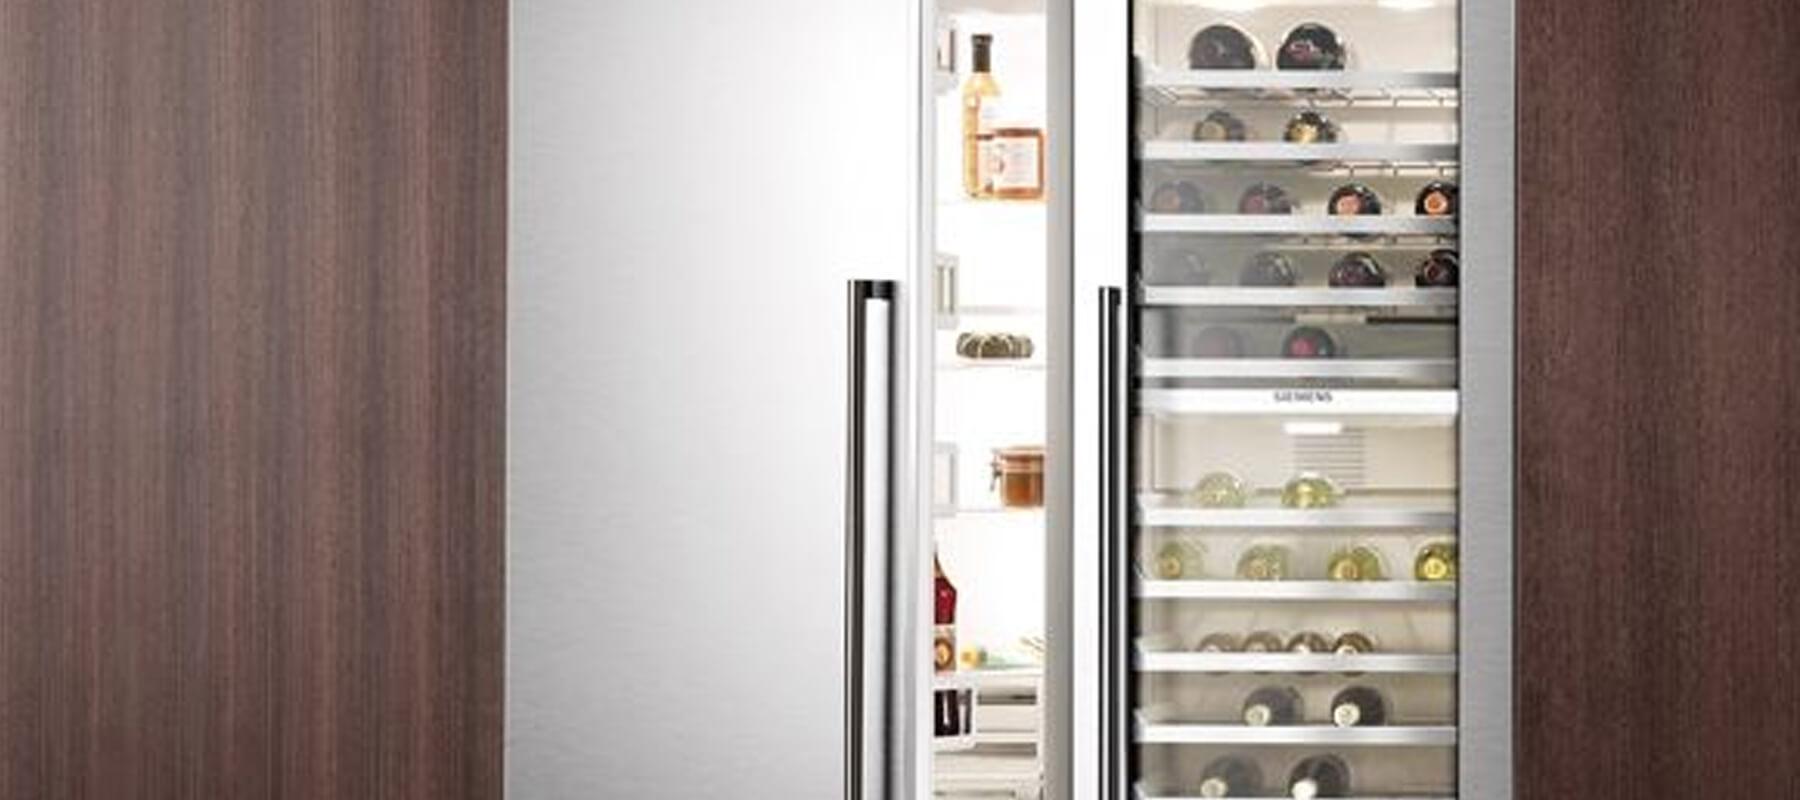 Built in Wine Refrigerator Lemon Grove | Built-in Refrigerator Repair